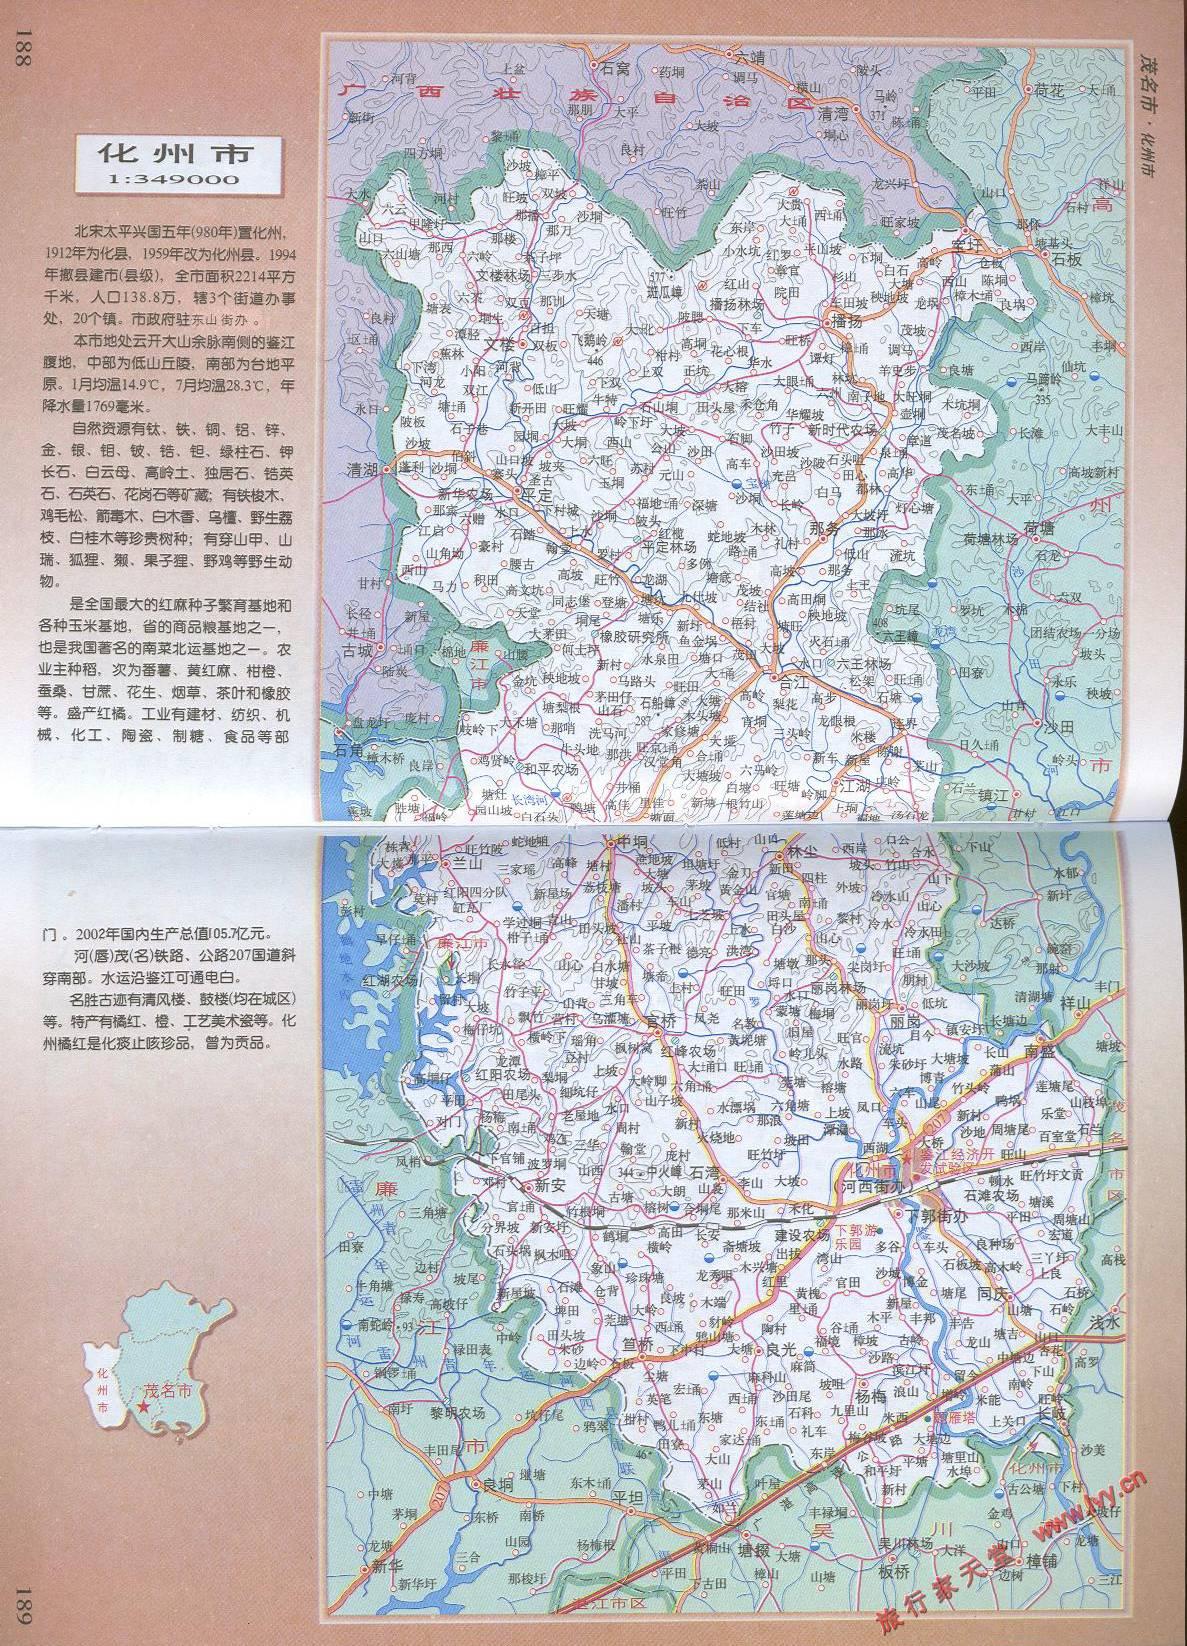 化州市历史沿革